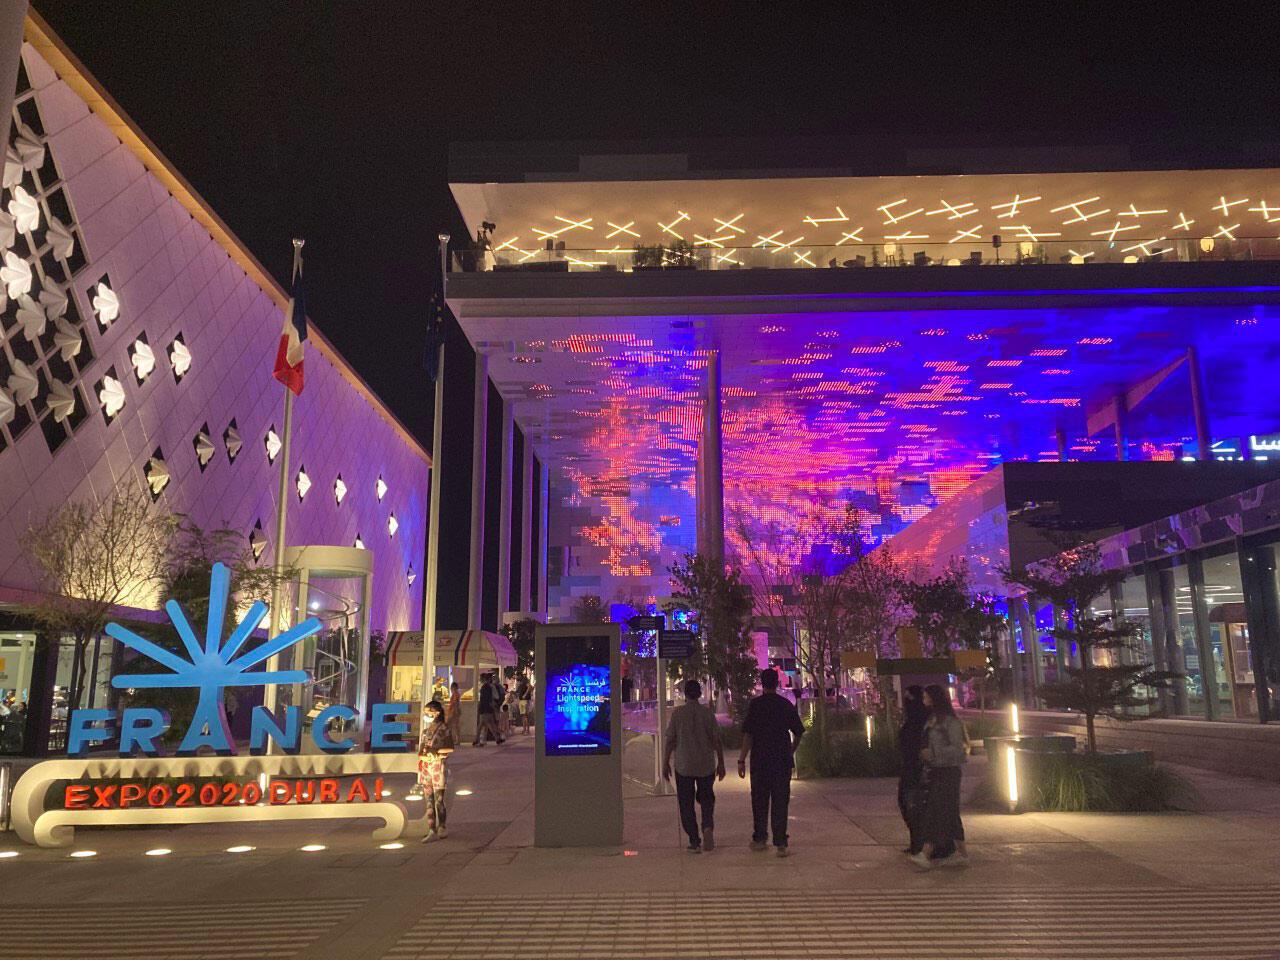 EDI-ADA-pavillon-français-exposition-universelle-Dubaï